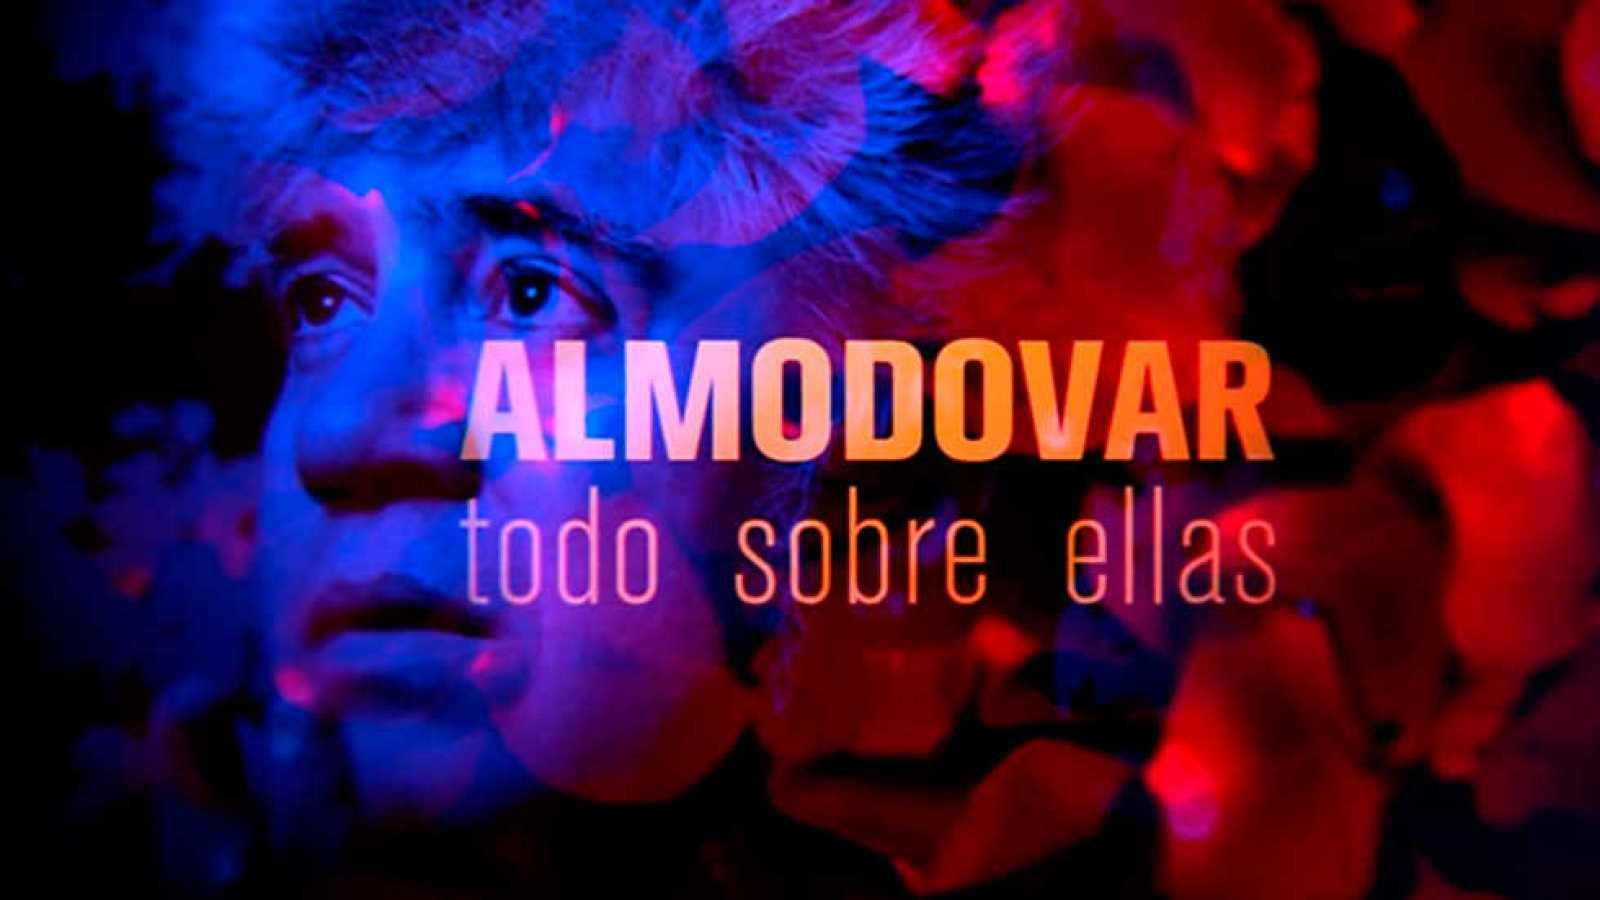 El documental - Almodóvar, todo sobre ellas: Almodóvar por sus musas - ver ahora